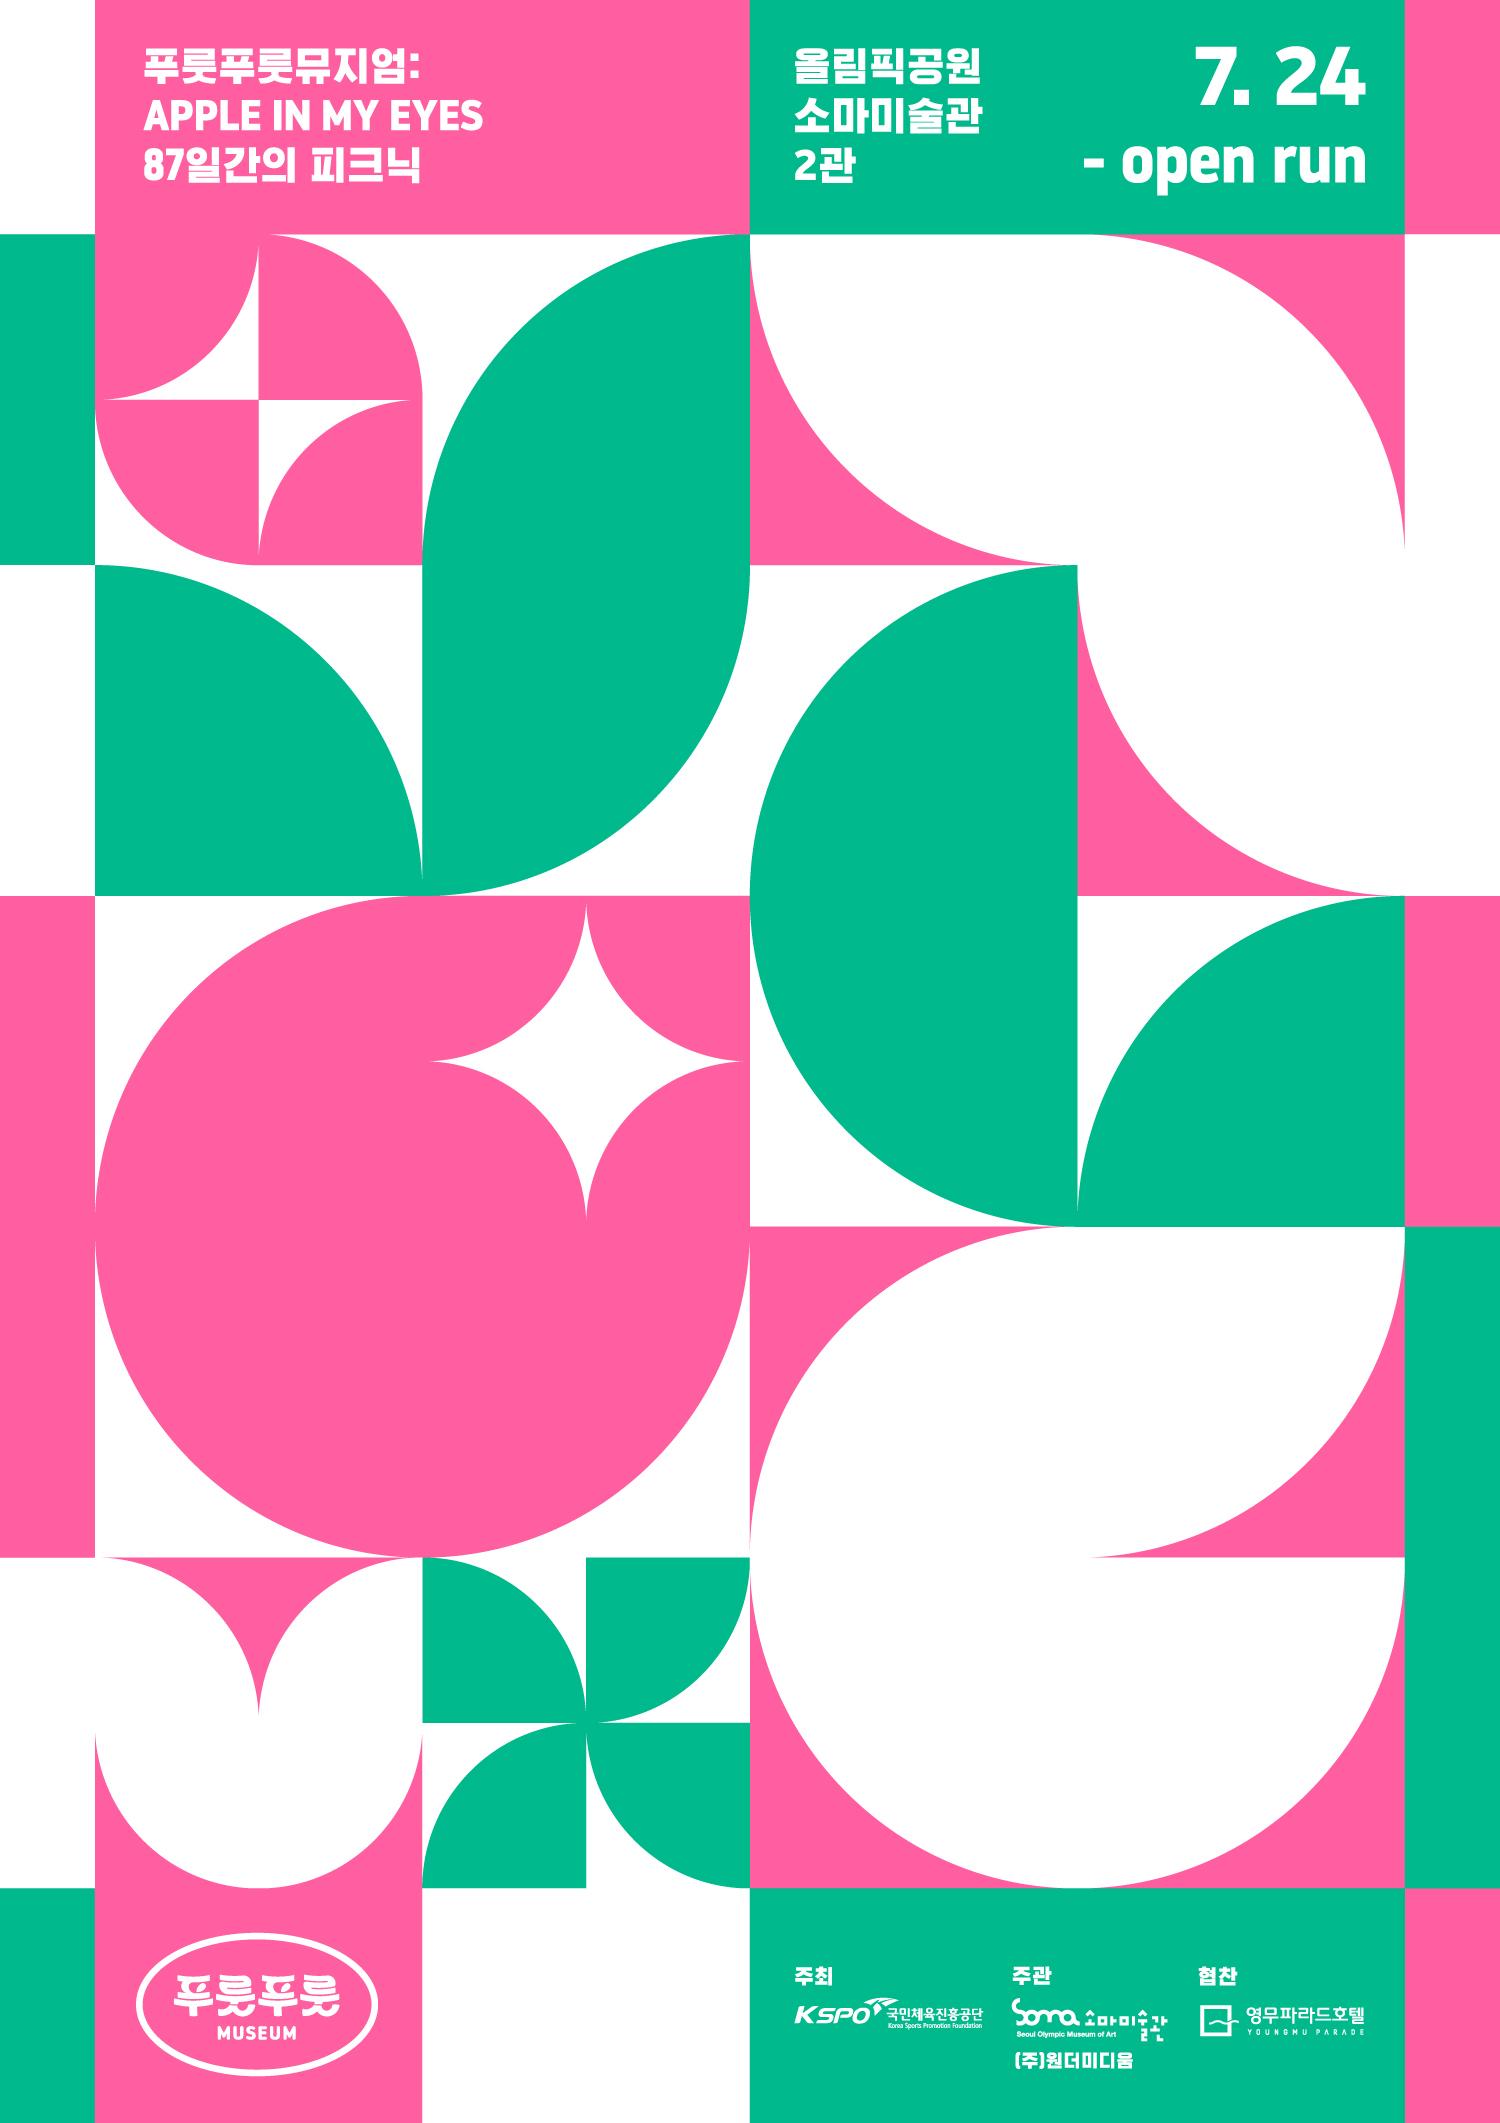 [공식] 푸룻푸룻뮤지엄 - Apple In My Eyes (07.24~) 포스터